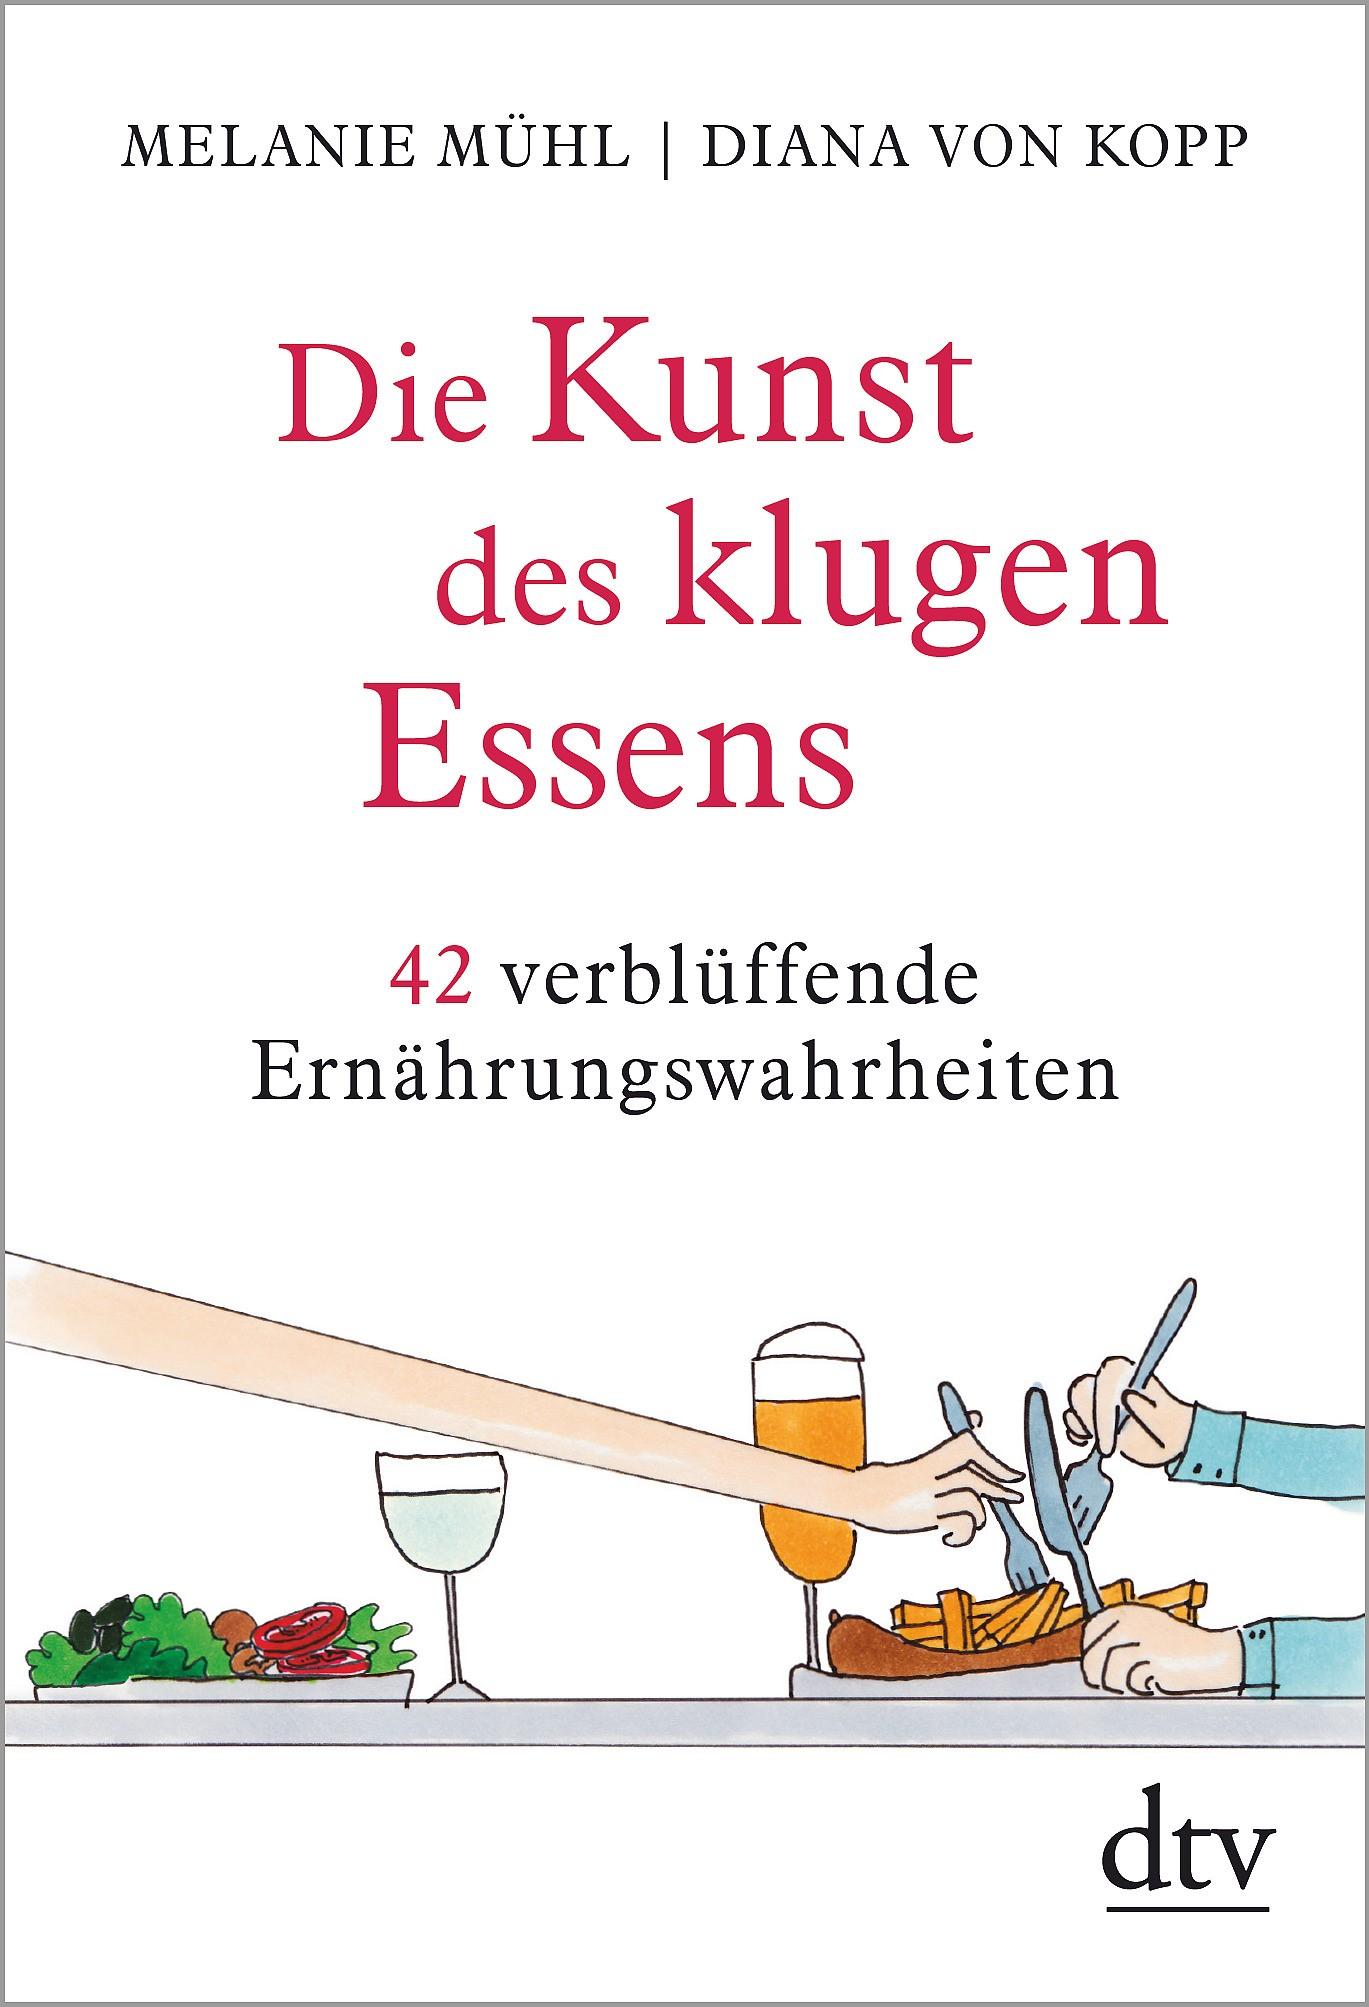 Die Kunst des klugen Essens   Mühl / Kopp, 2018   Buch (Cover)